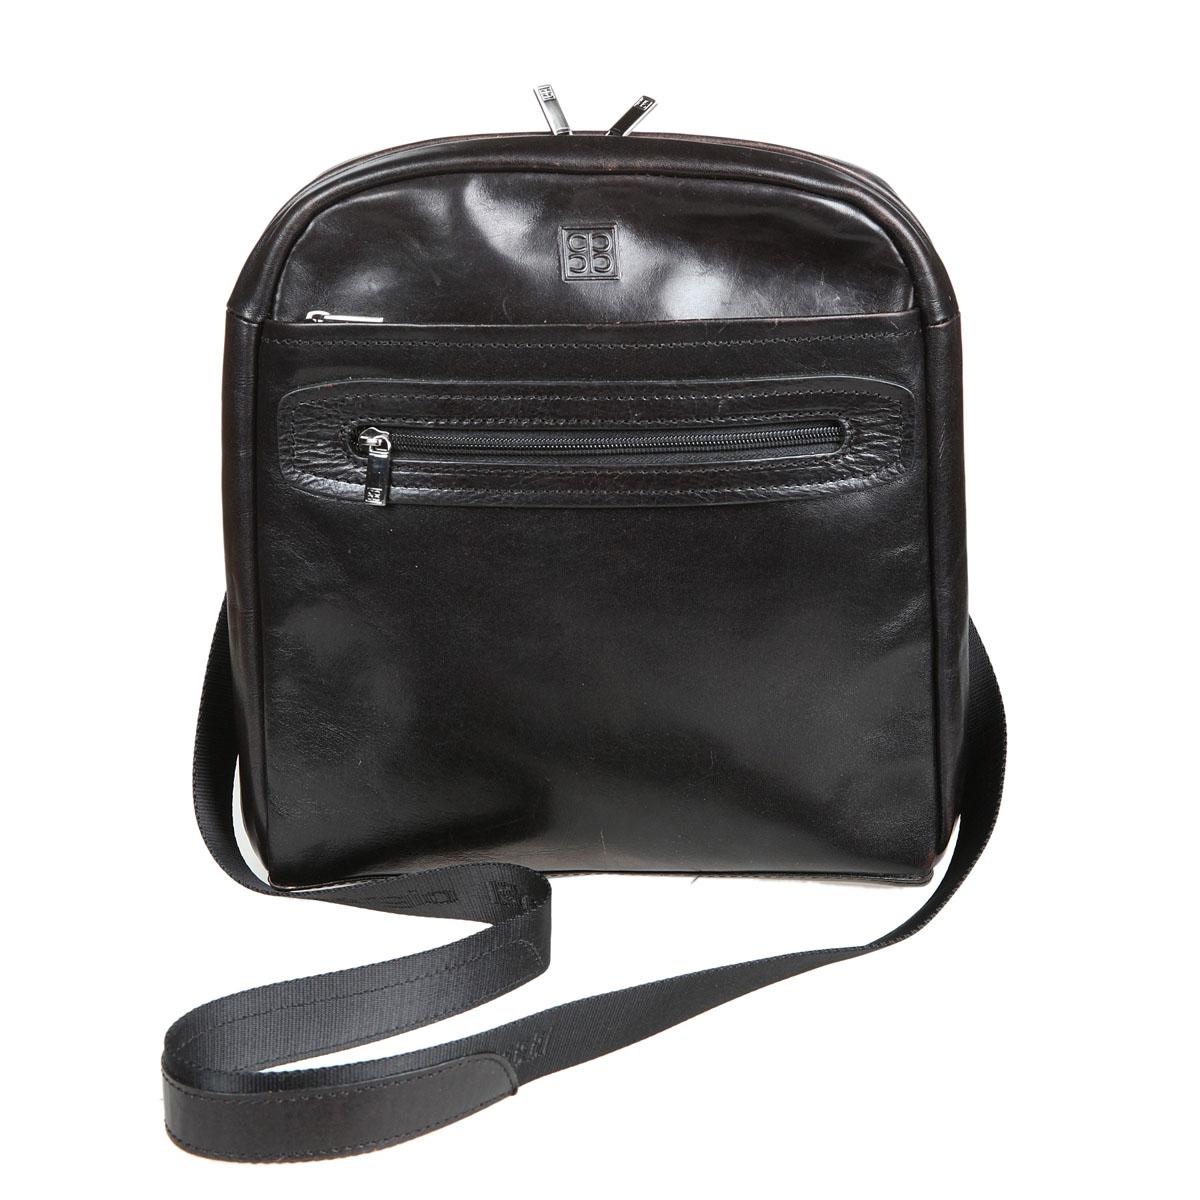 Сумка-планшет мужская Sergio Belotti, цвет: черный milano black. 93049304 milano blackСумка-планшет Sergio Belotti выполнена из натуральной кожи. Планшет имеет одно вместительное отделение, закрывающееся на застежку-молнию. Внутри - три кармана на молниях. На лицевой стороне расположено два вшитых кармана на молнии, один из которых содержит внутри четыре наборных кармашка для кредиток, карман для мобильного телефона и два фиксатора для ручек. На задней стенке - дополнительный карман на молнии. Планшет имеет плечевой ремень регулируемой длины. К планшету прилагается чехол для хранения. Этот стильный аксессуар станет изысканным дополнением к вашему образу.